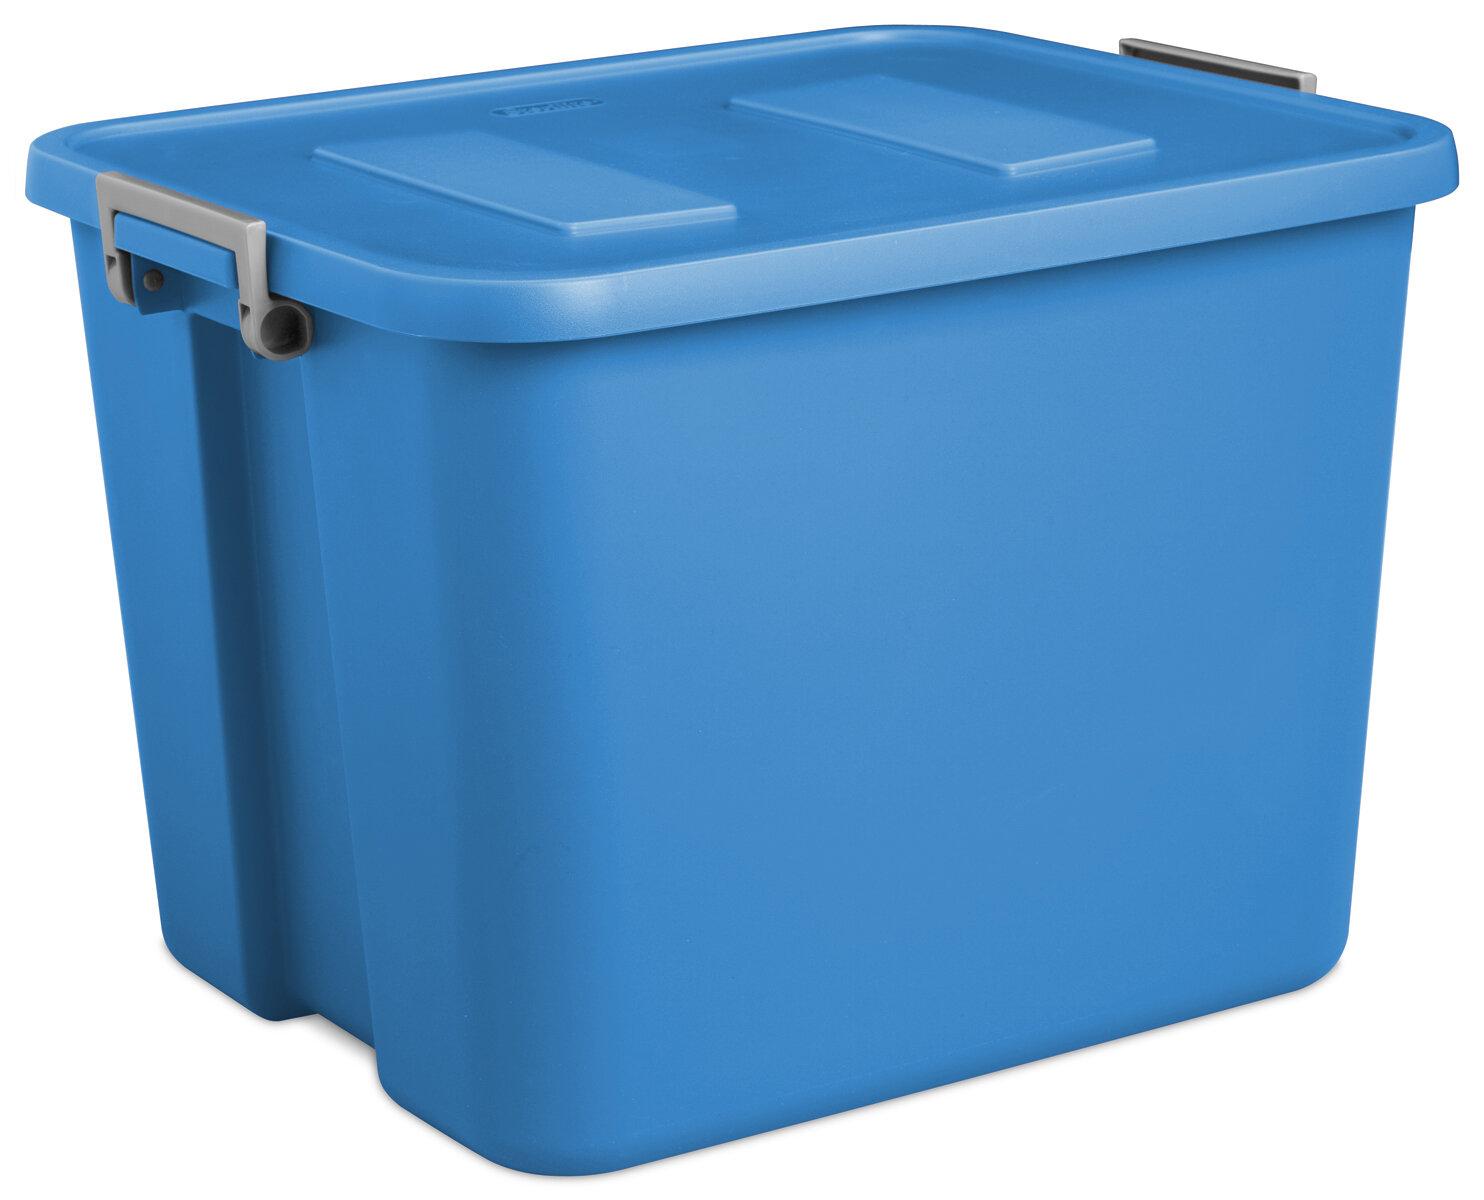 Sterilite 20 Gallon Latch Tote & Reviews | Wayfair